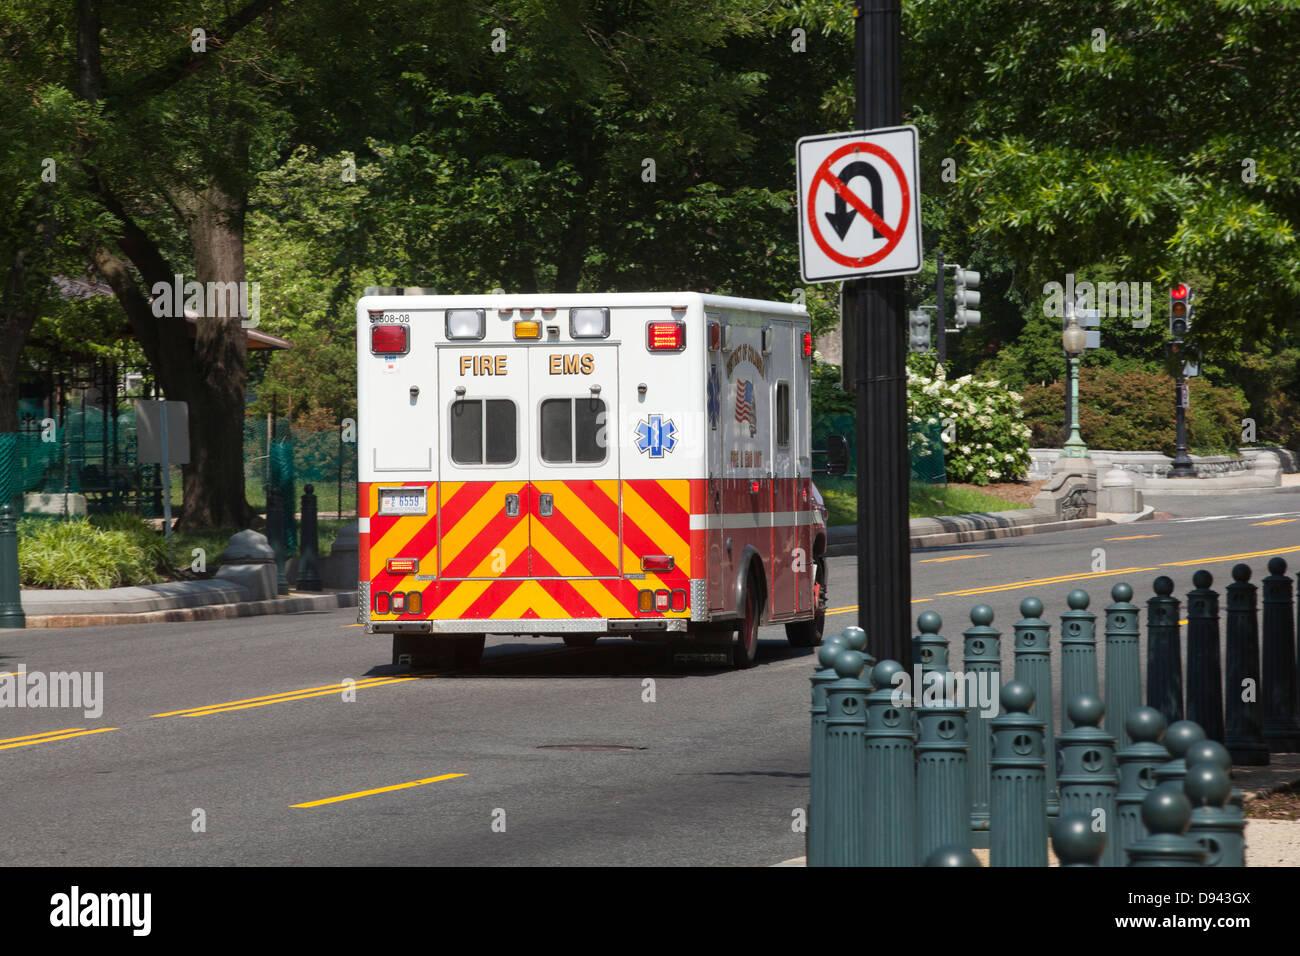 Ambulance driving away - Stock Image